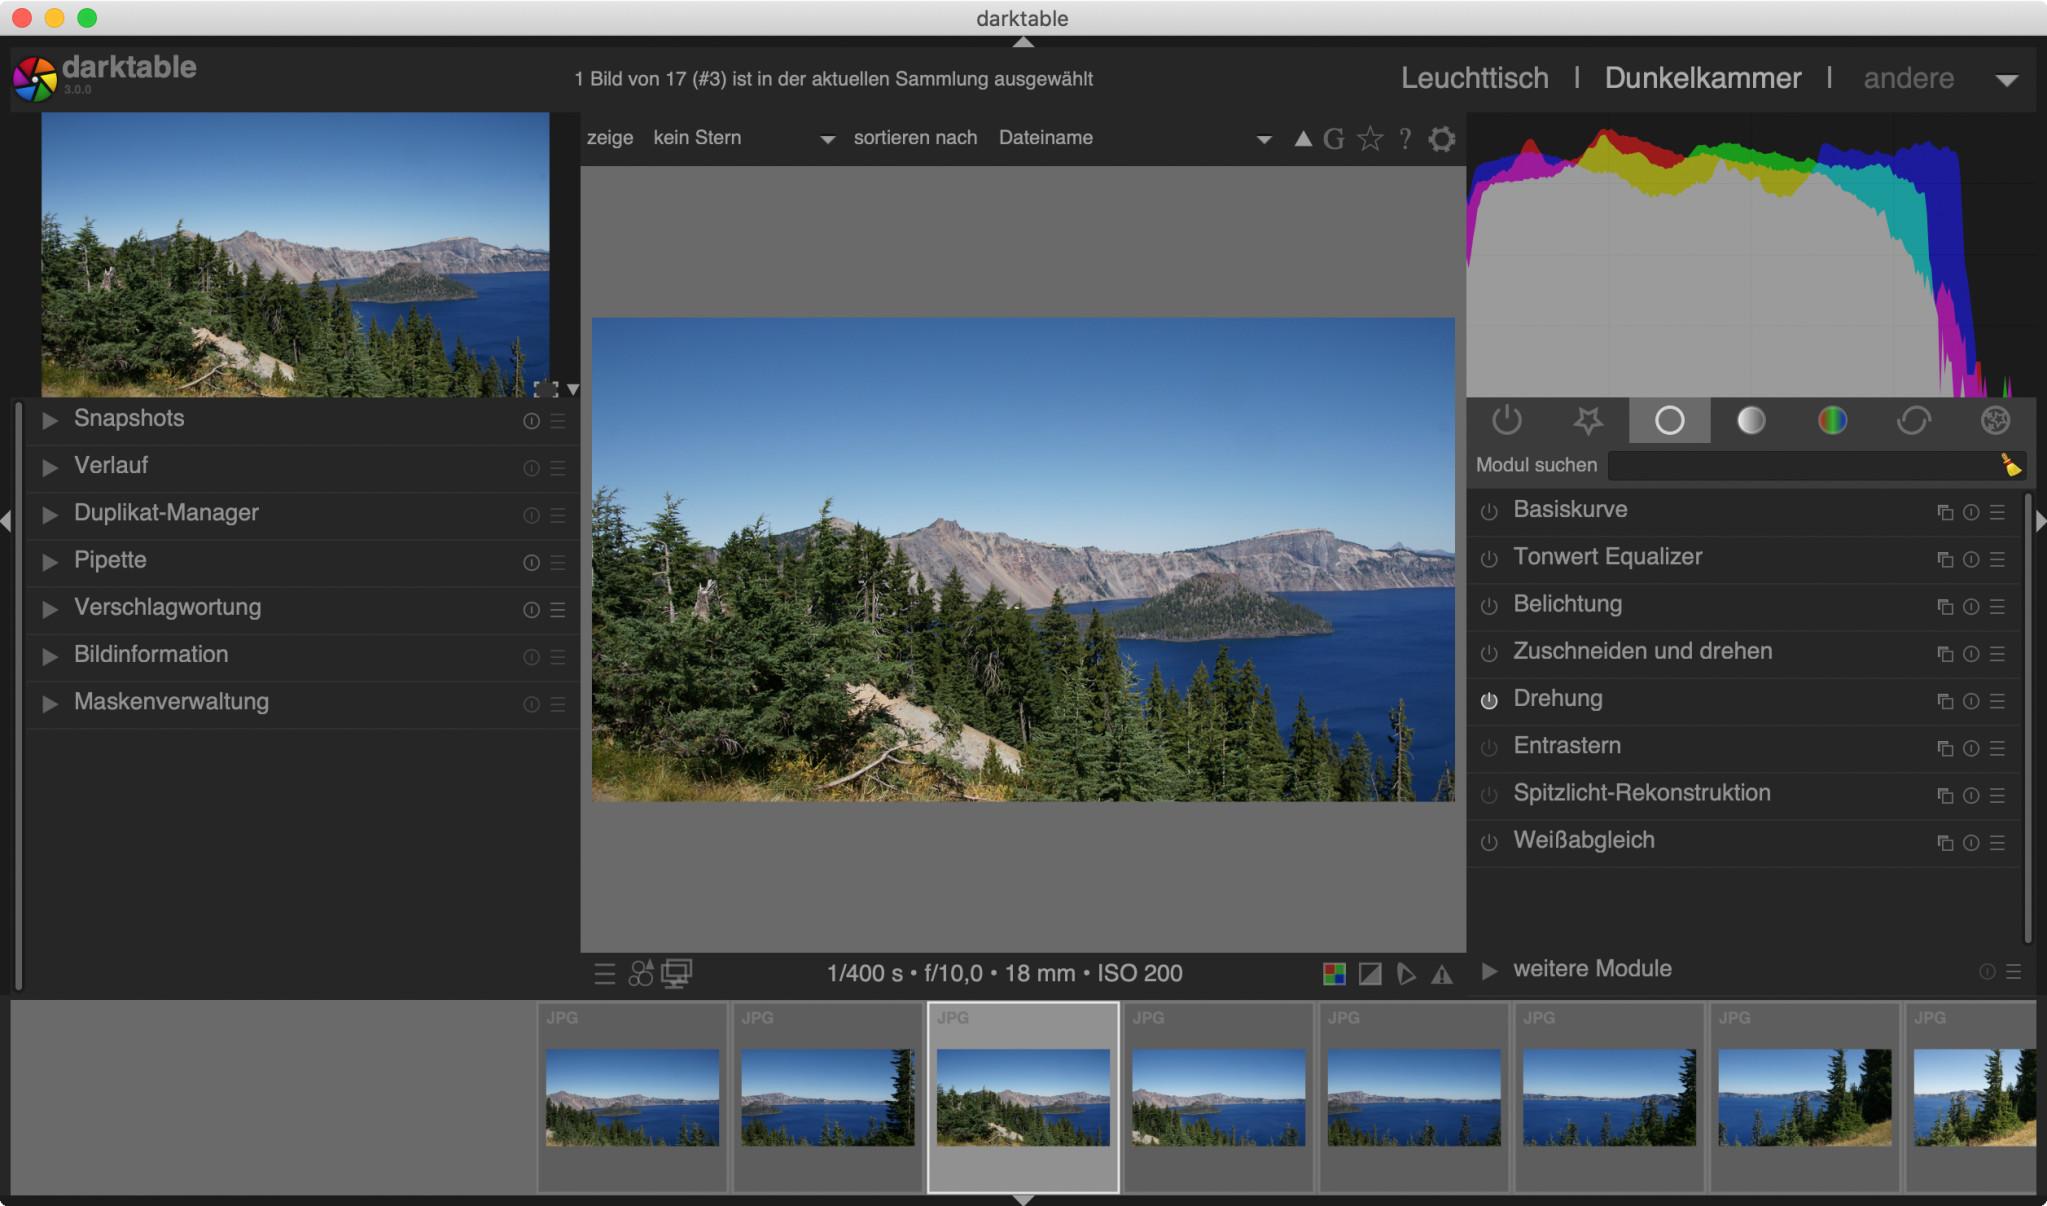 Screenshot 1 - Darktable (Mac)